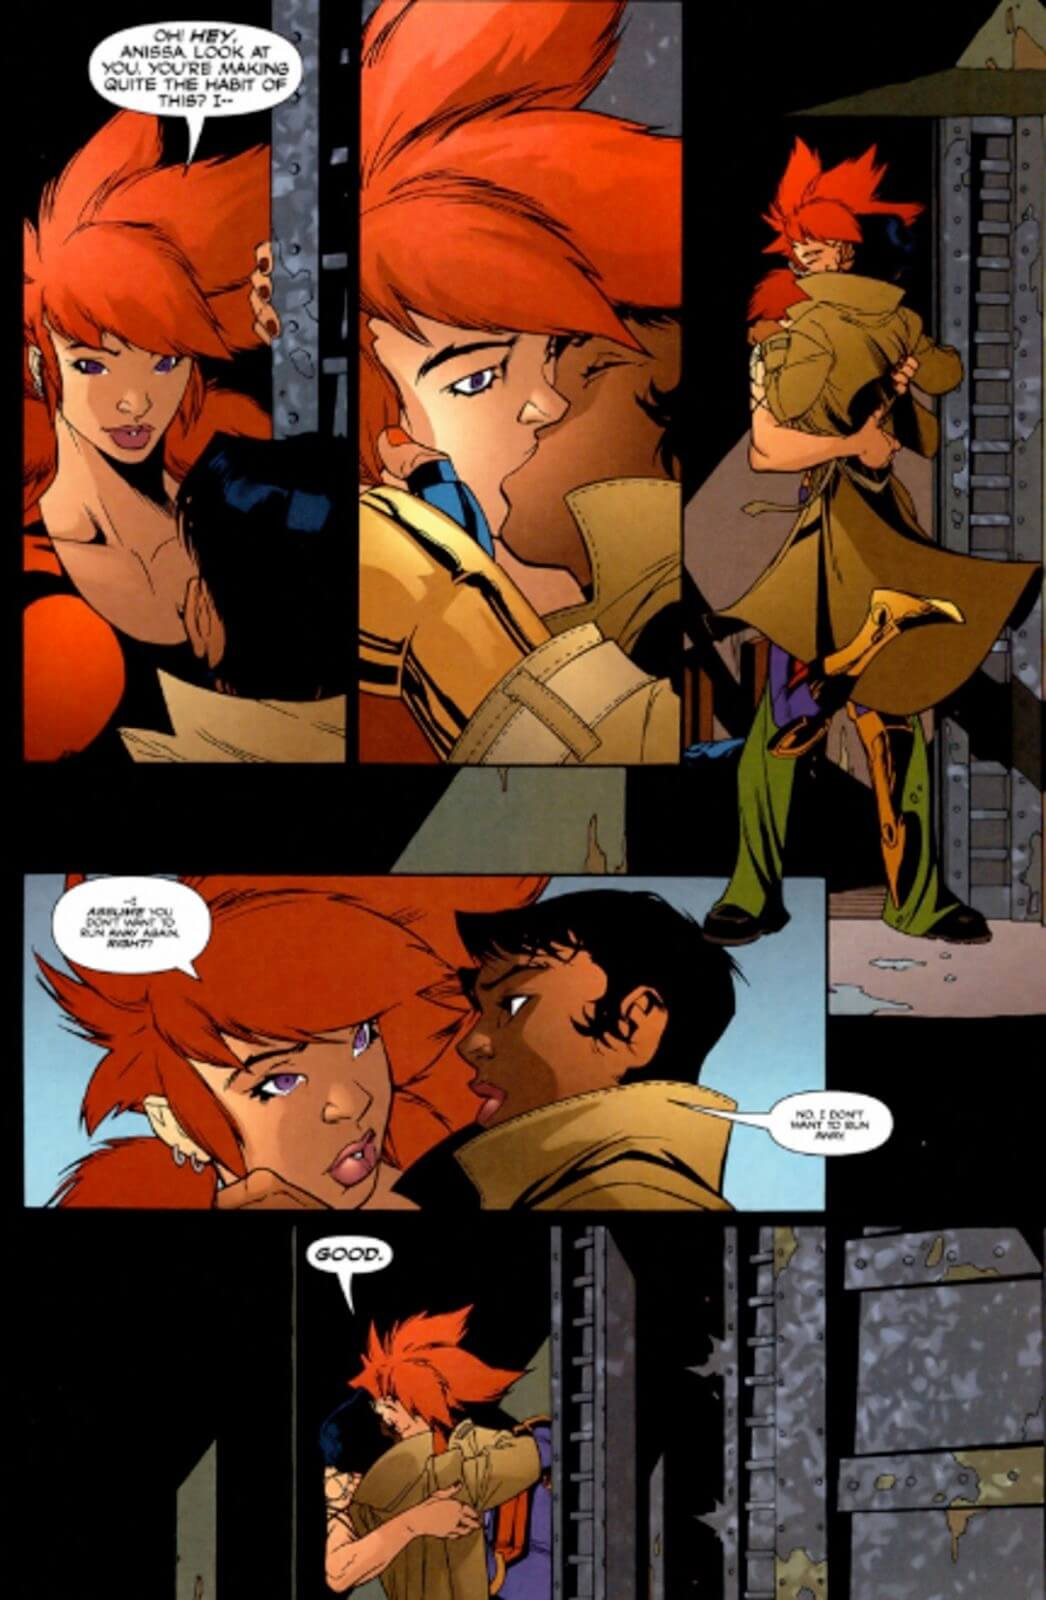 DC fumetti sesso lesbico